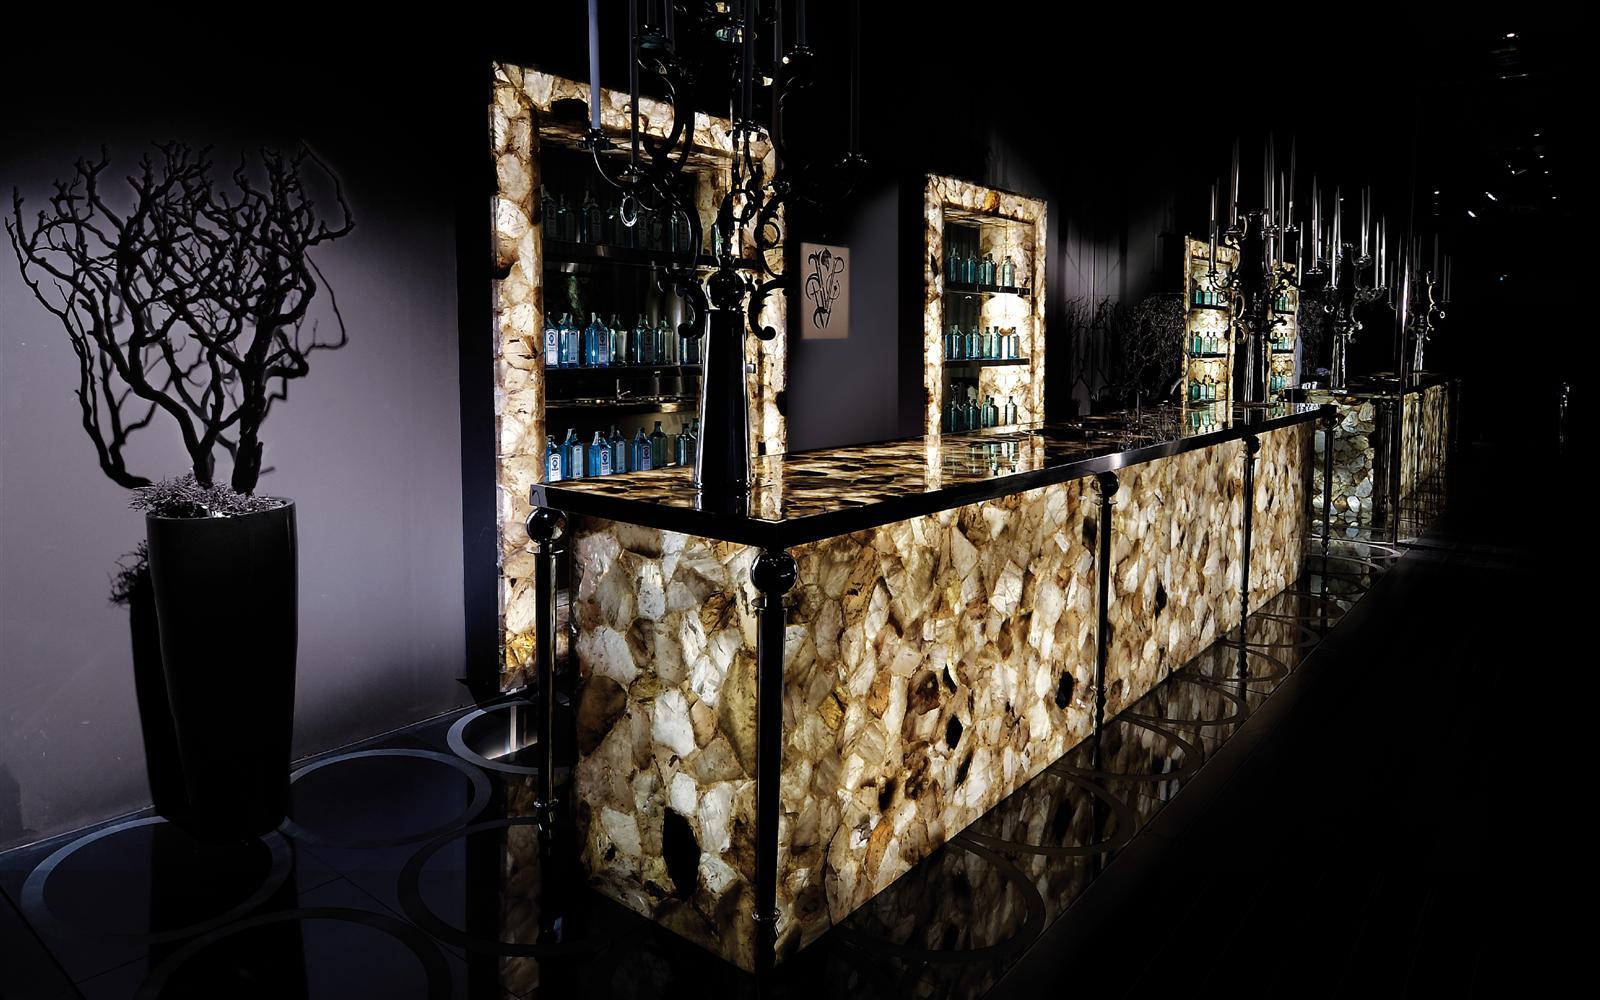 Gemstone Slab 303 Gemstone Slabs Marblous Group